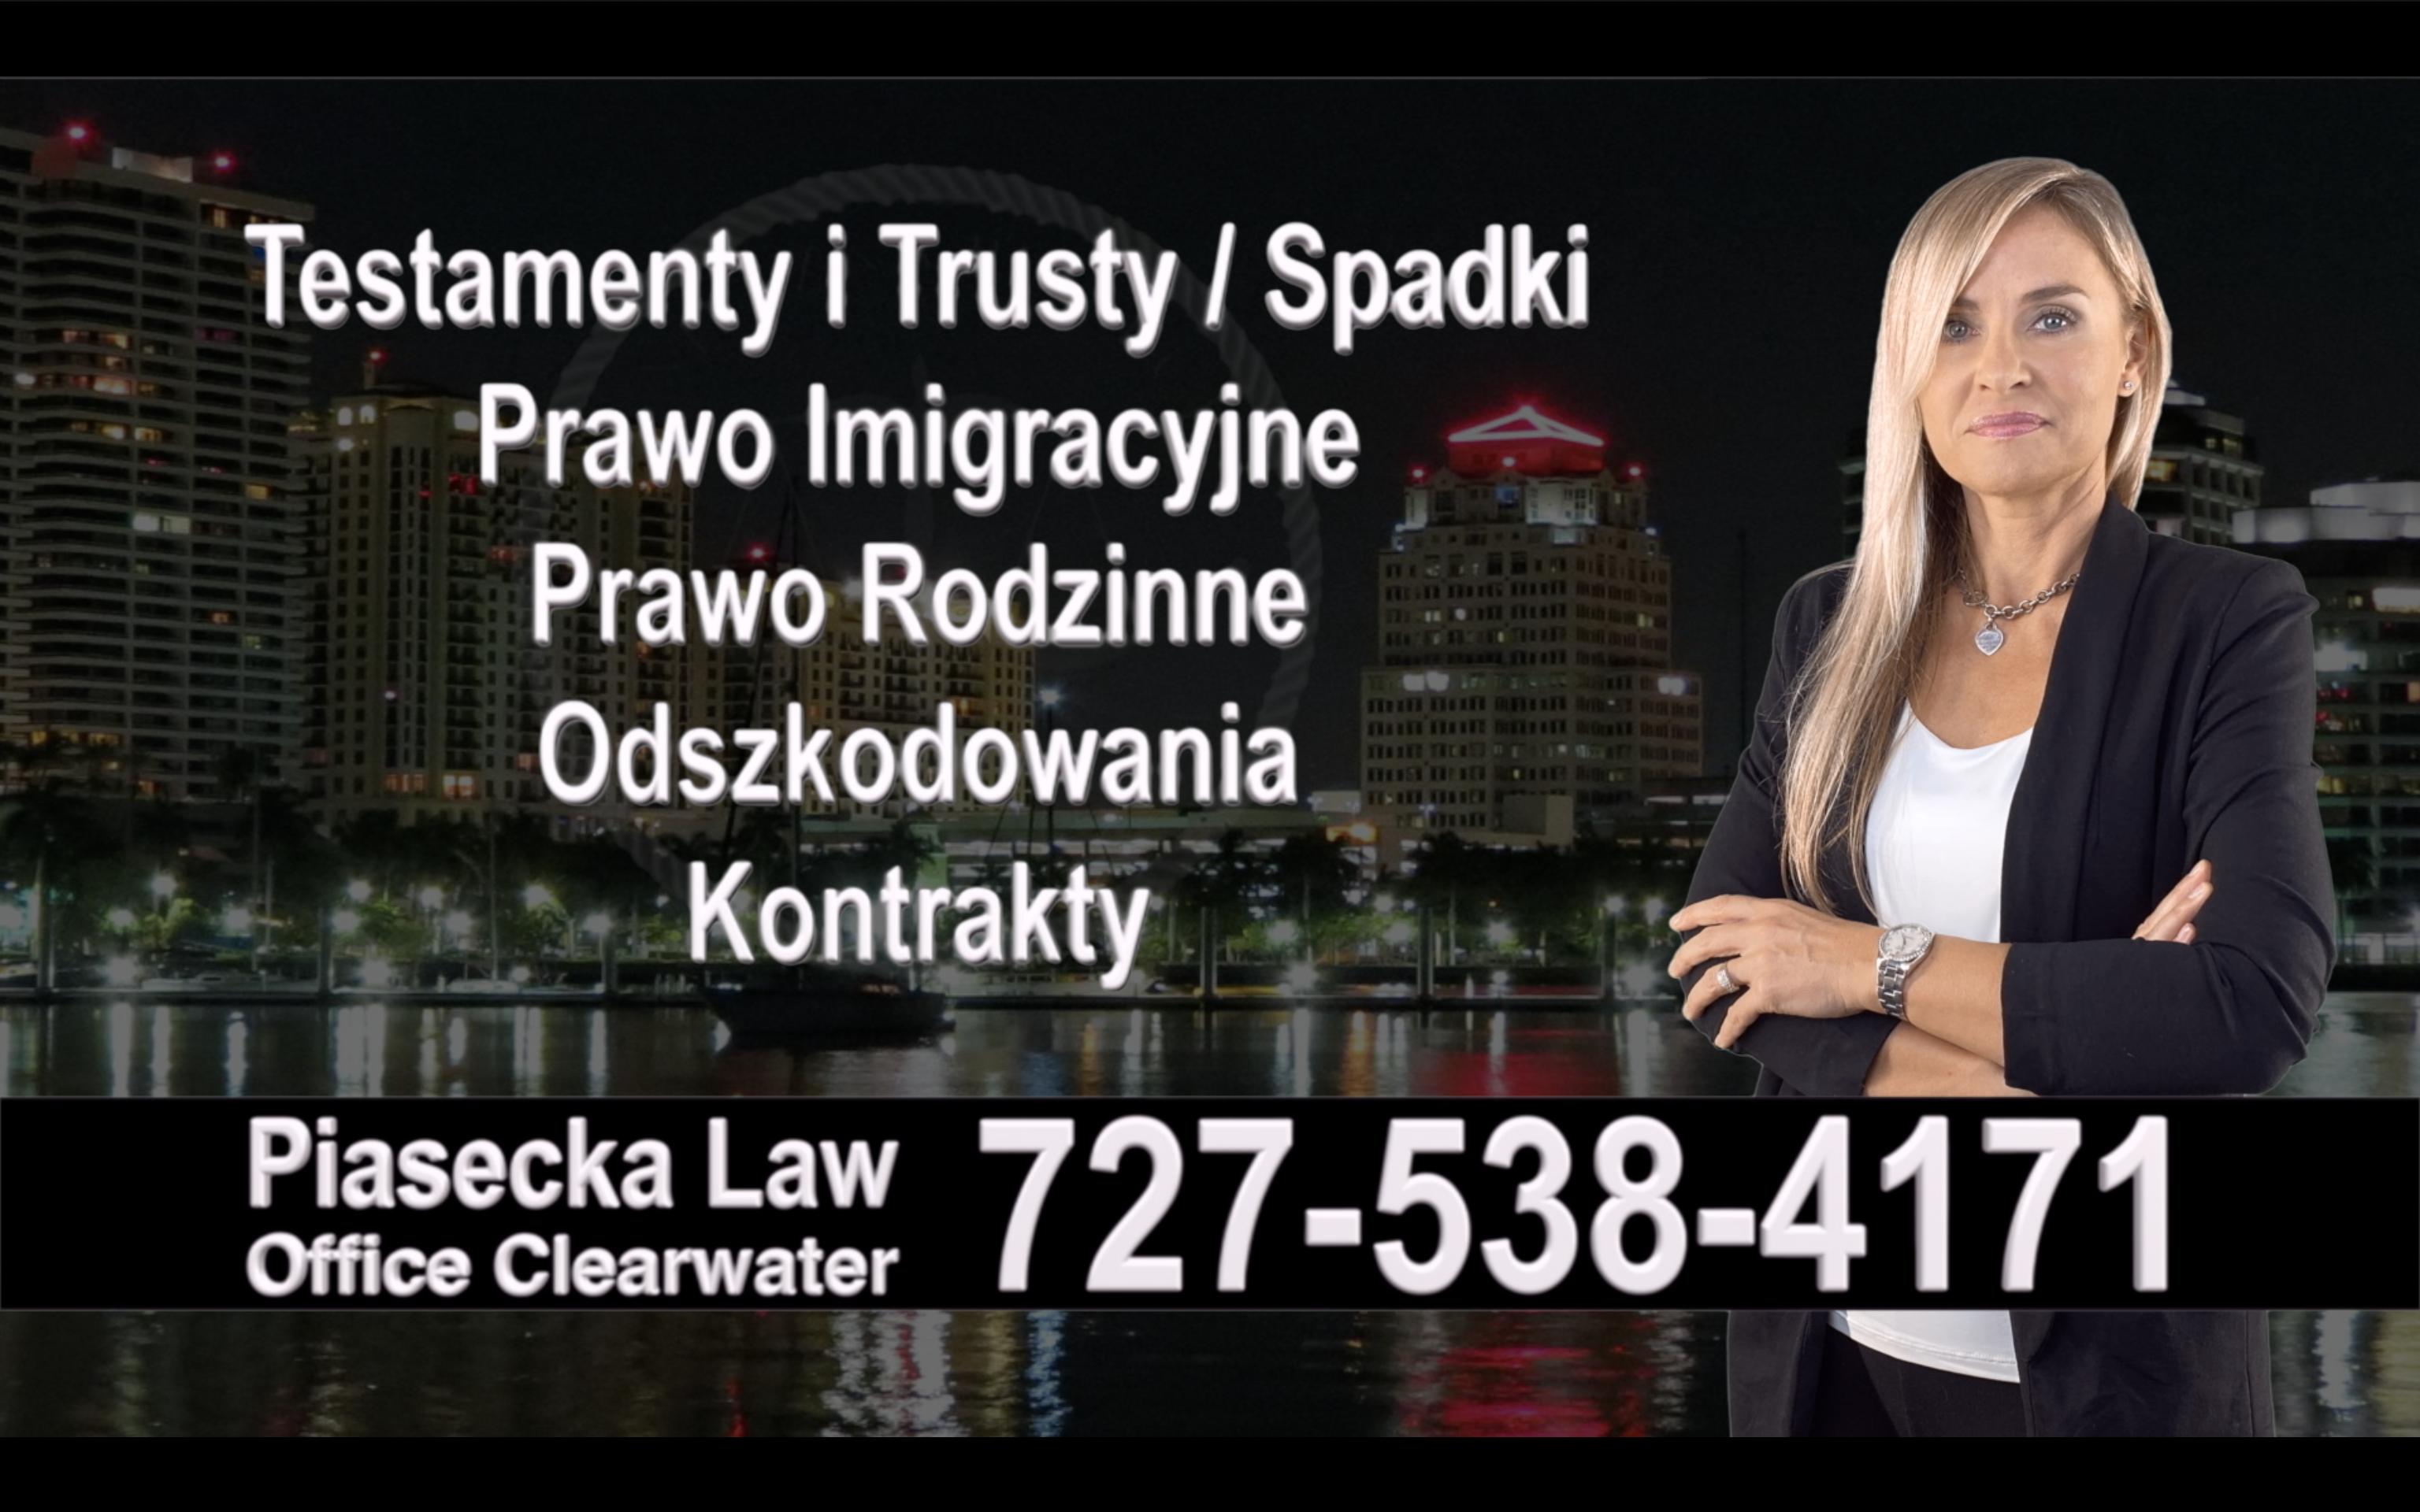 Polski, Prawnik, Tampa, adwokat, polish, lawyer, attorney, florida, polscy, prawnicy, adwokaci, Testament, Trust, wypadek